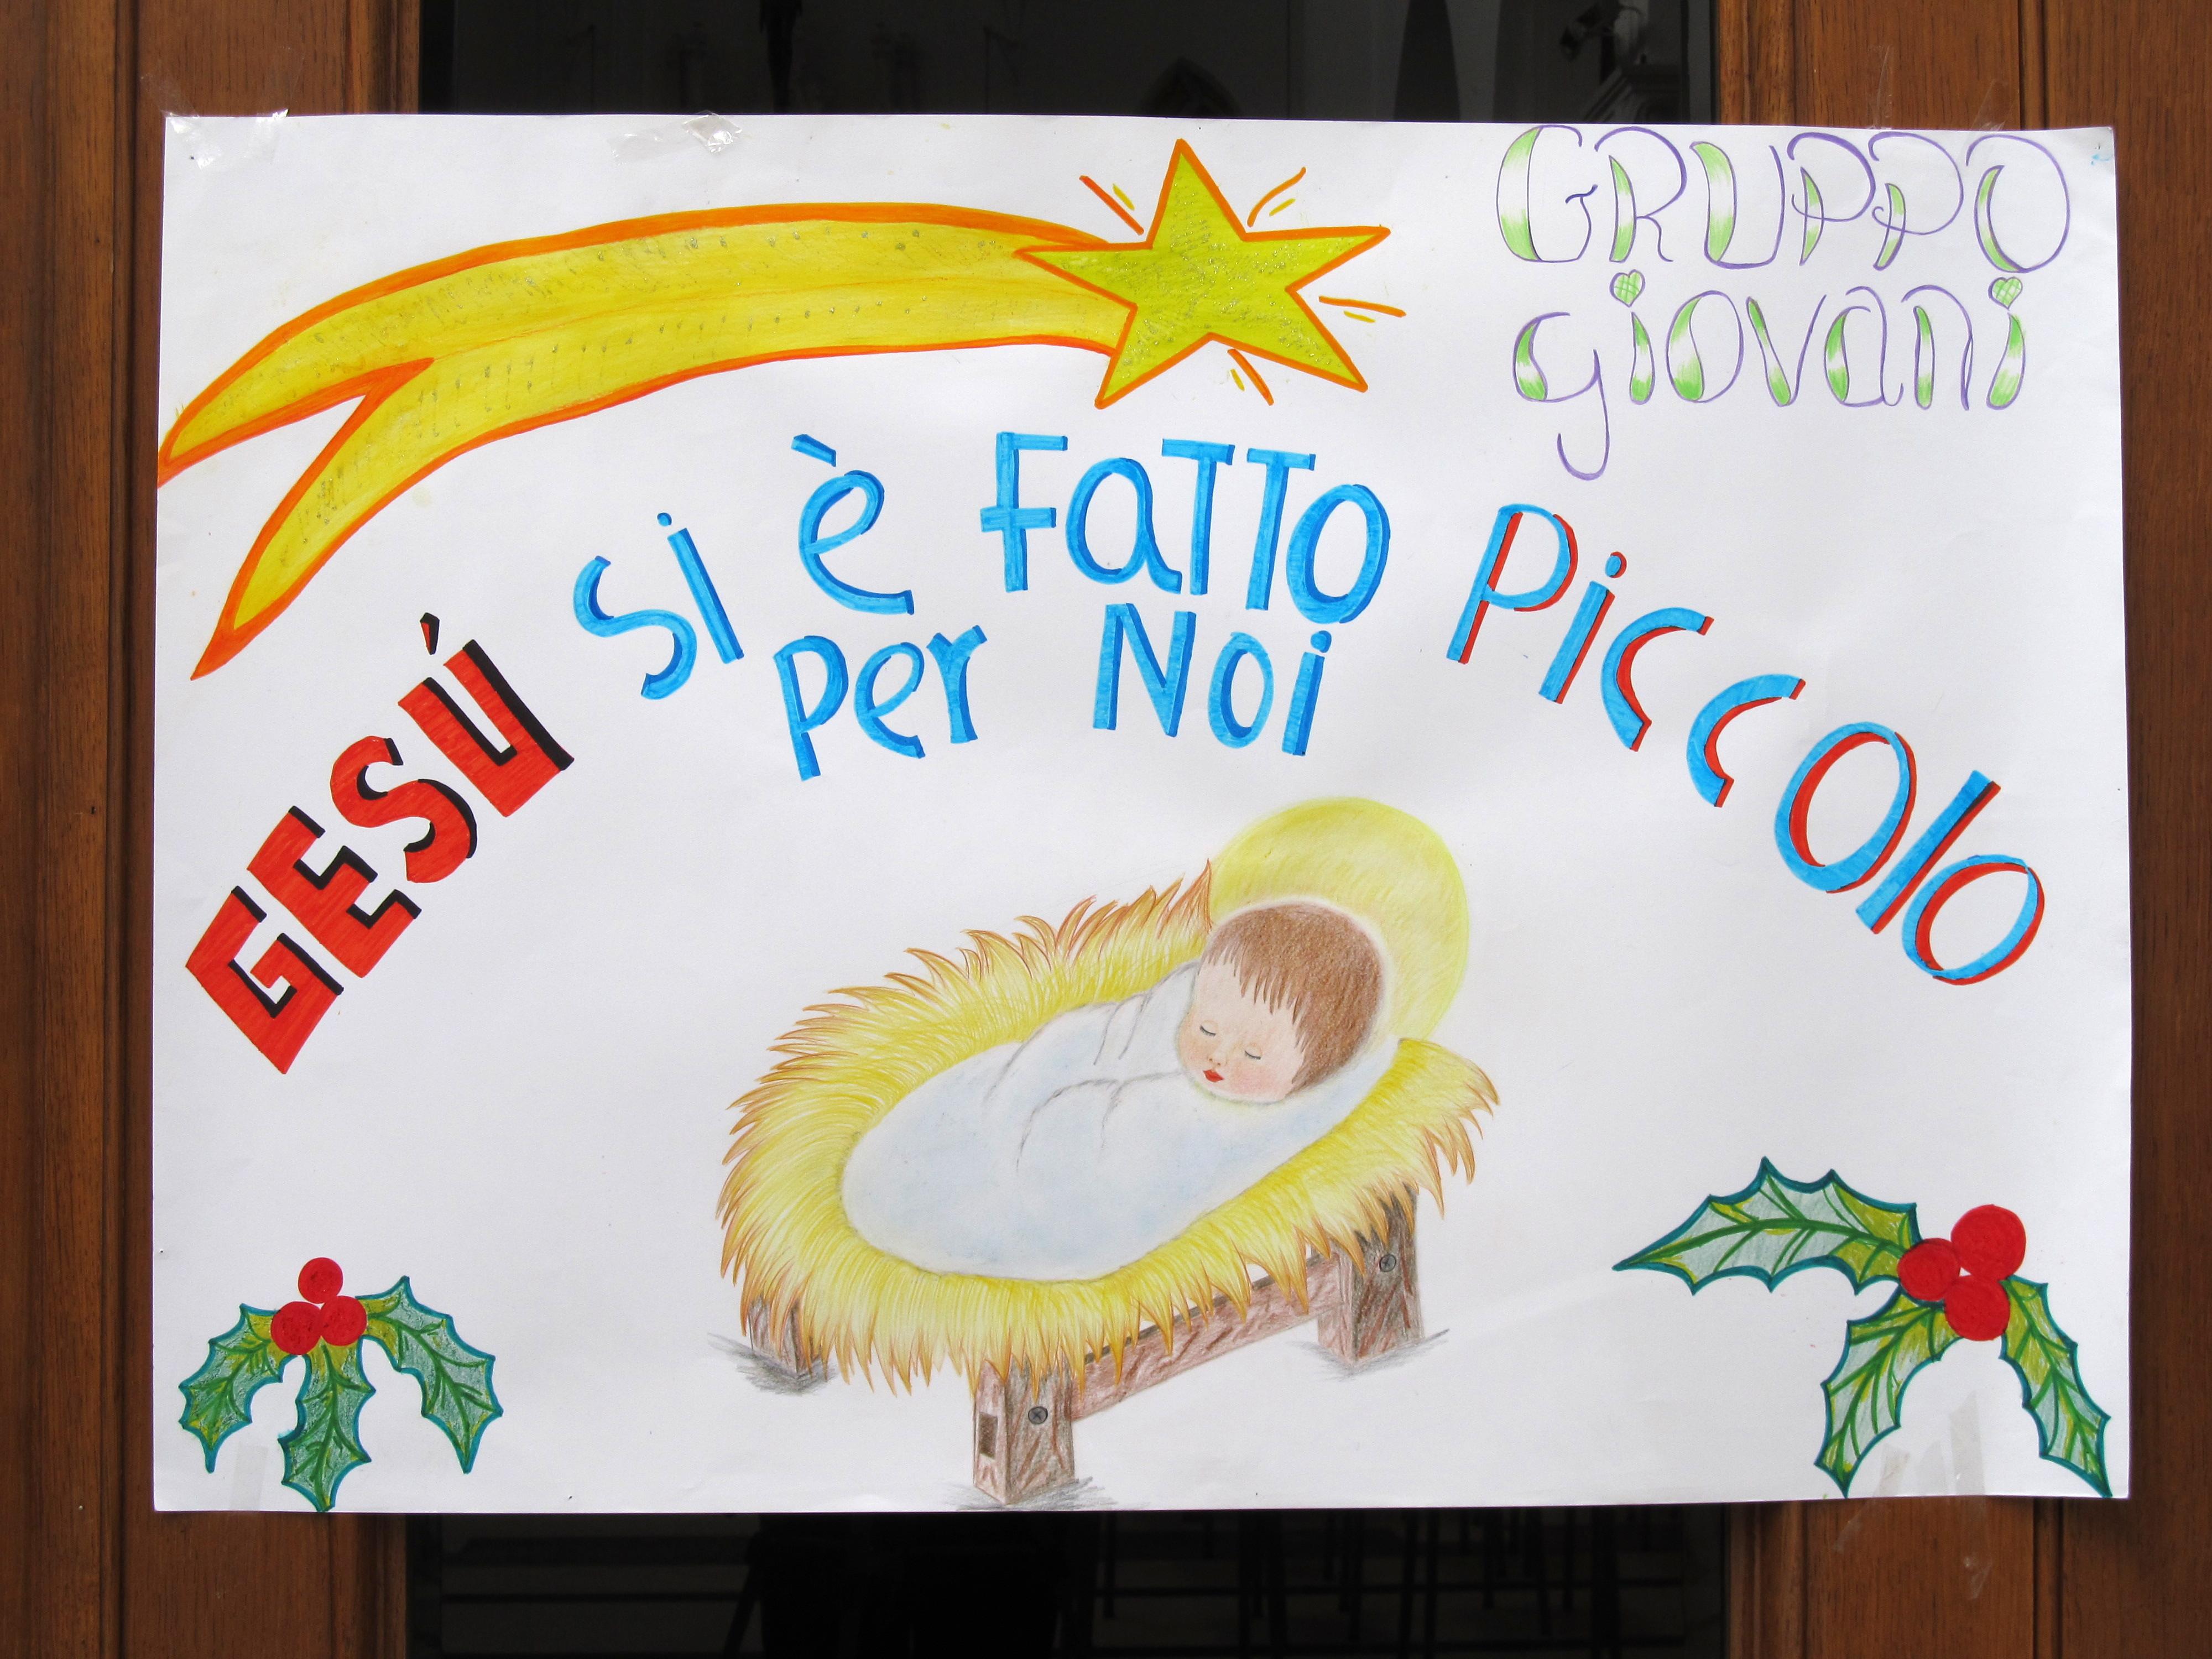 Auguri Di Buon Natale Qumran.Frasi Di Natale Per Bambini Del Catechismo Nyc